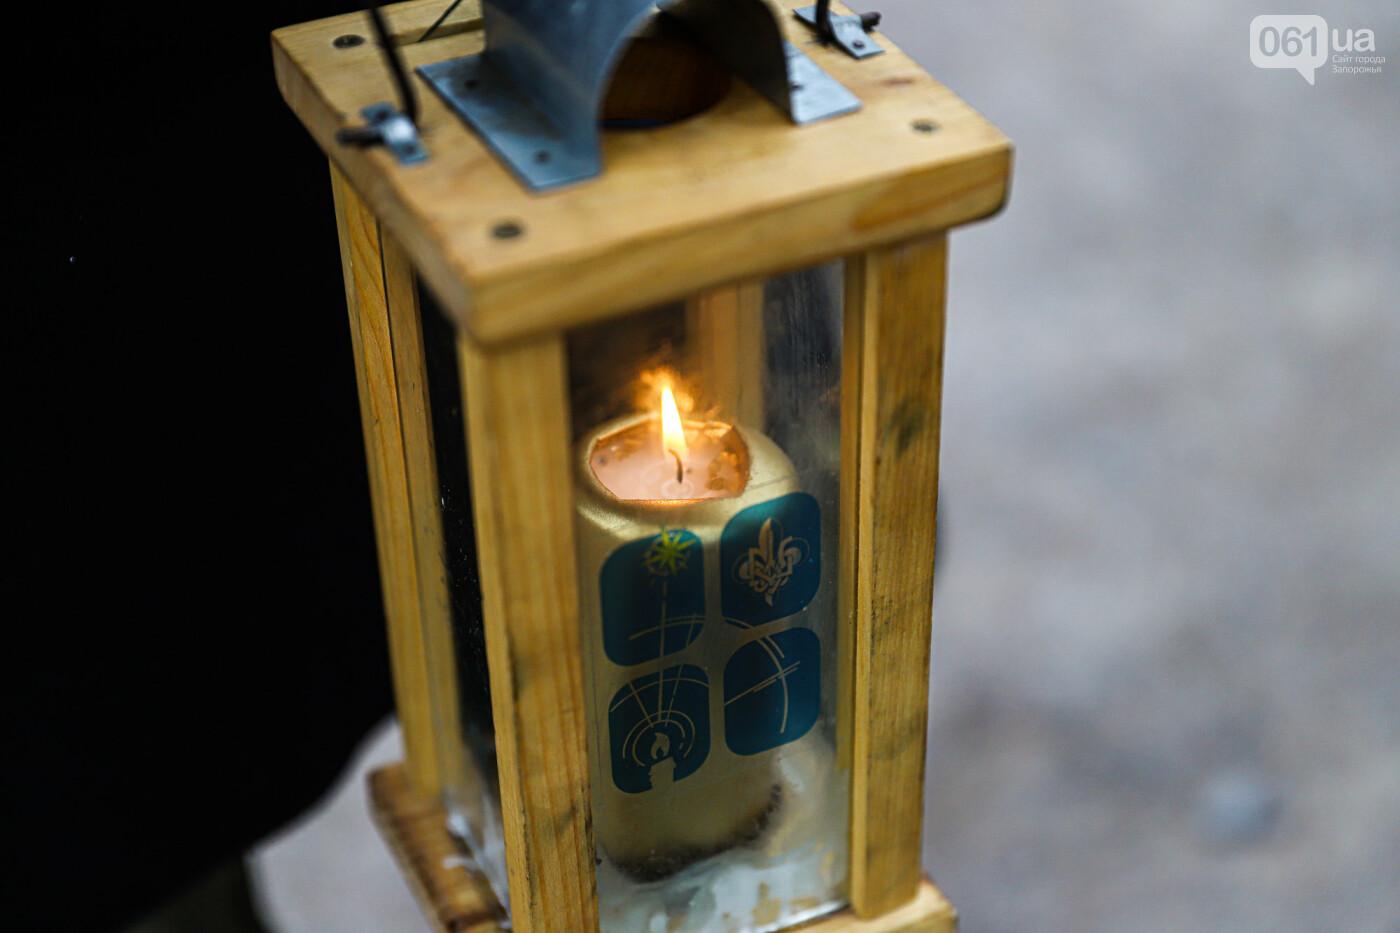 На Хортице скауты передали священникам Вифлеемский огонь, - ФОТОРЕПОРТАЖ, фото-5